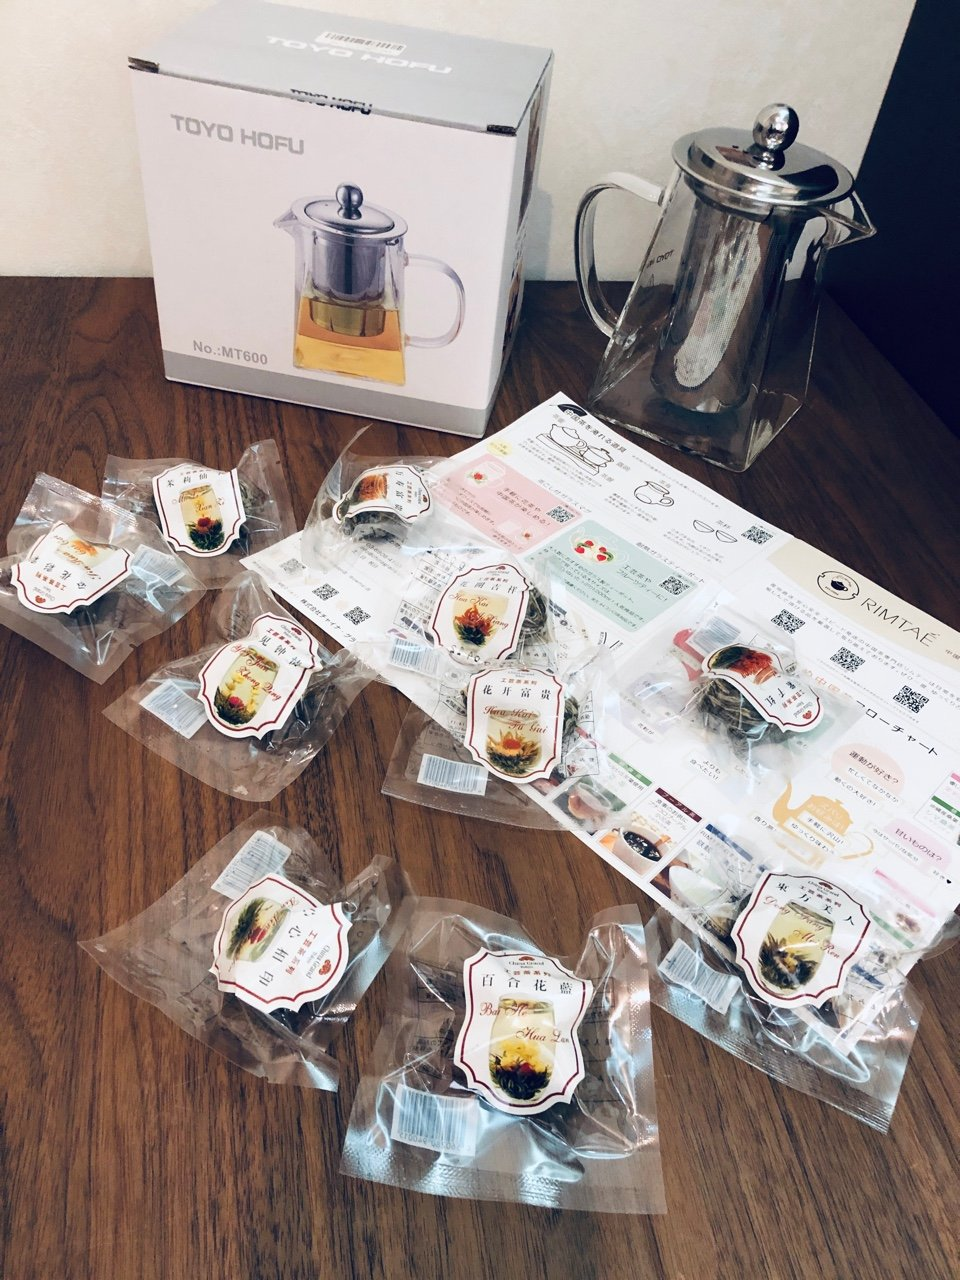 去年の12月に買った中国茶・工芸茶をようやく飲み始めた。買ってからもう半年以上たってしまっている・・・Amazonにて工芸茶10種類で2500円、TOYO HOFU ティーポットは2029円だった。 https://t.co/JZ30KgvN7c